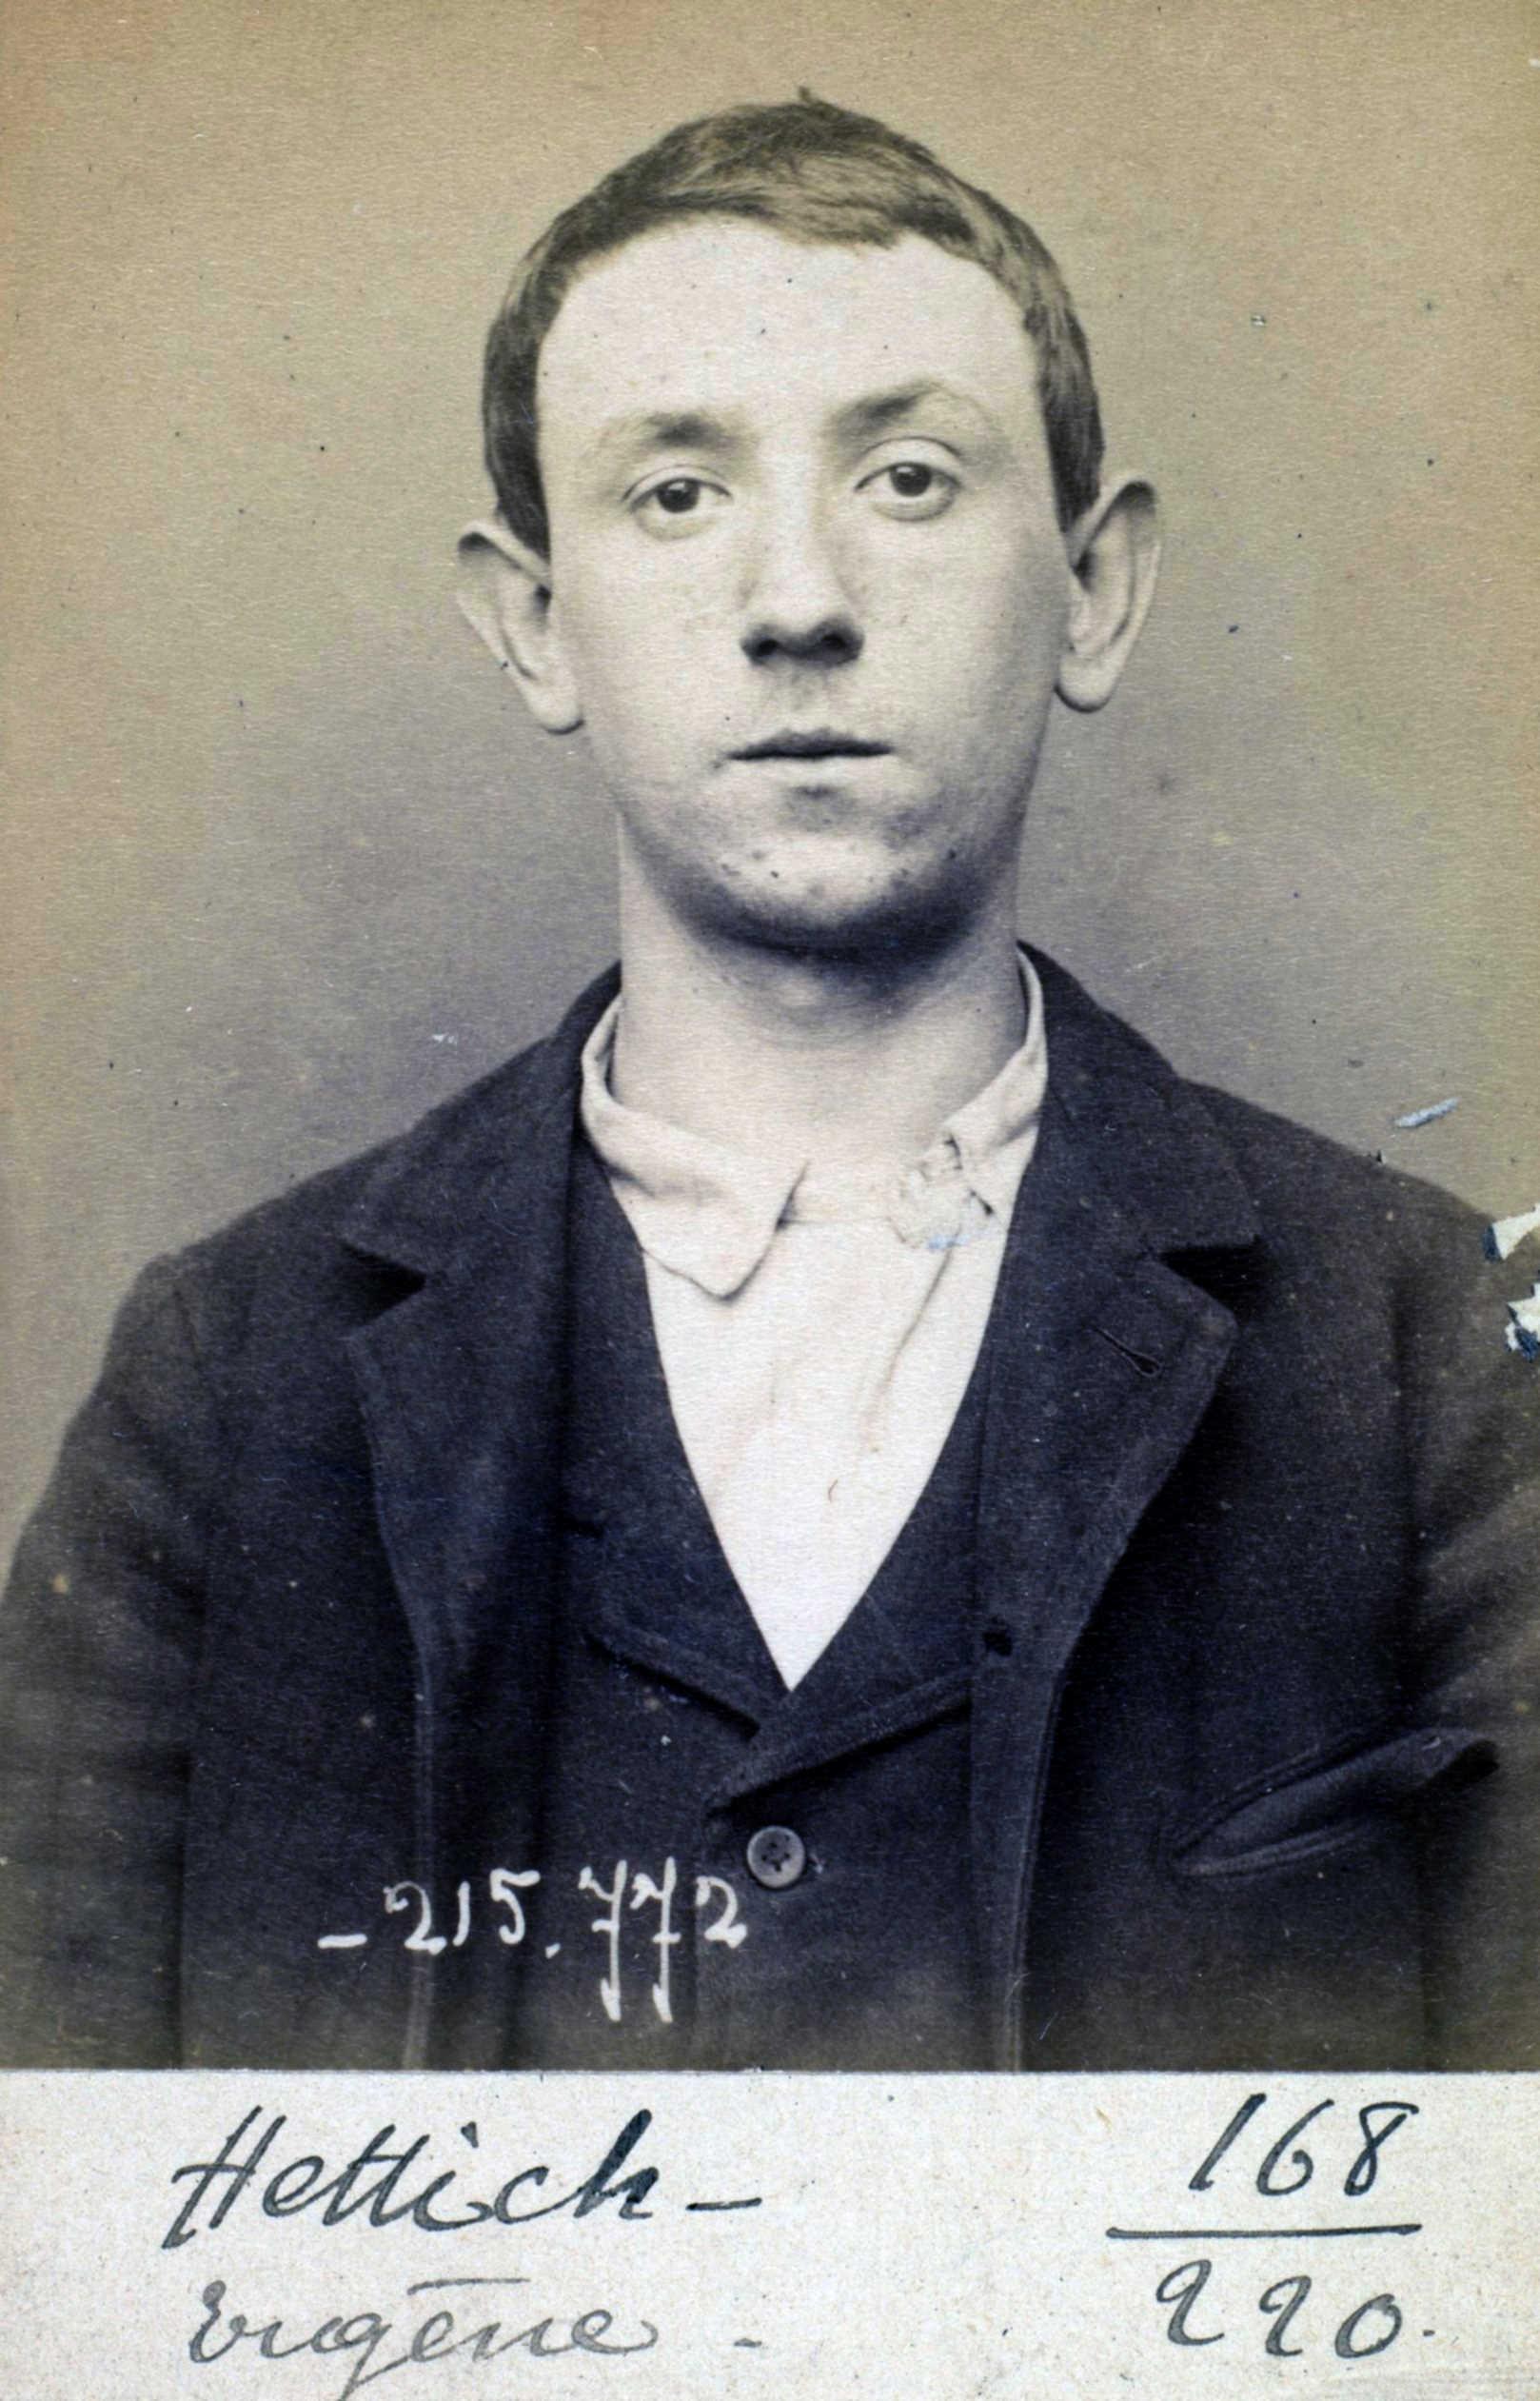 Foto policíaca d'Eugène Hettig (16 de març de 1894)